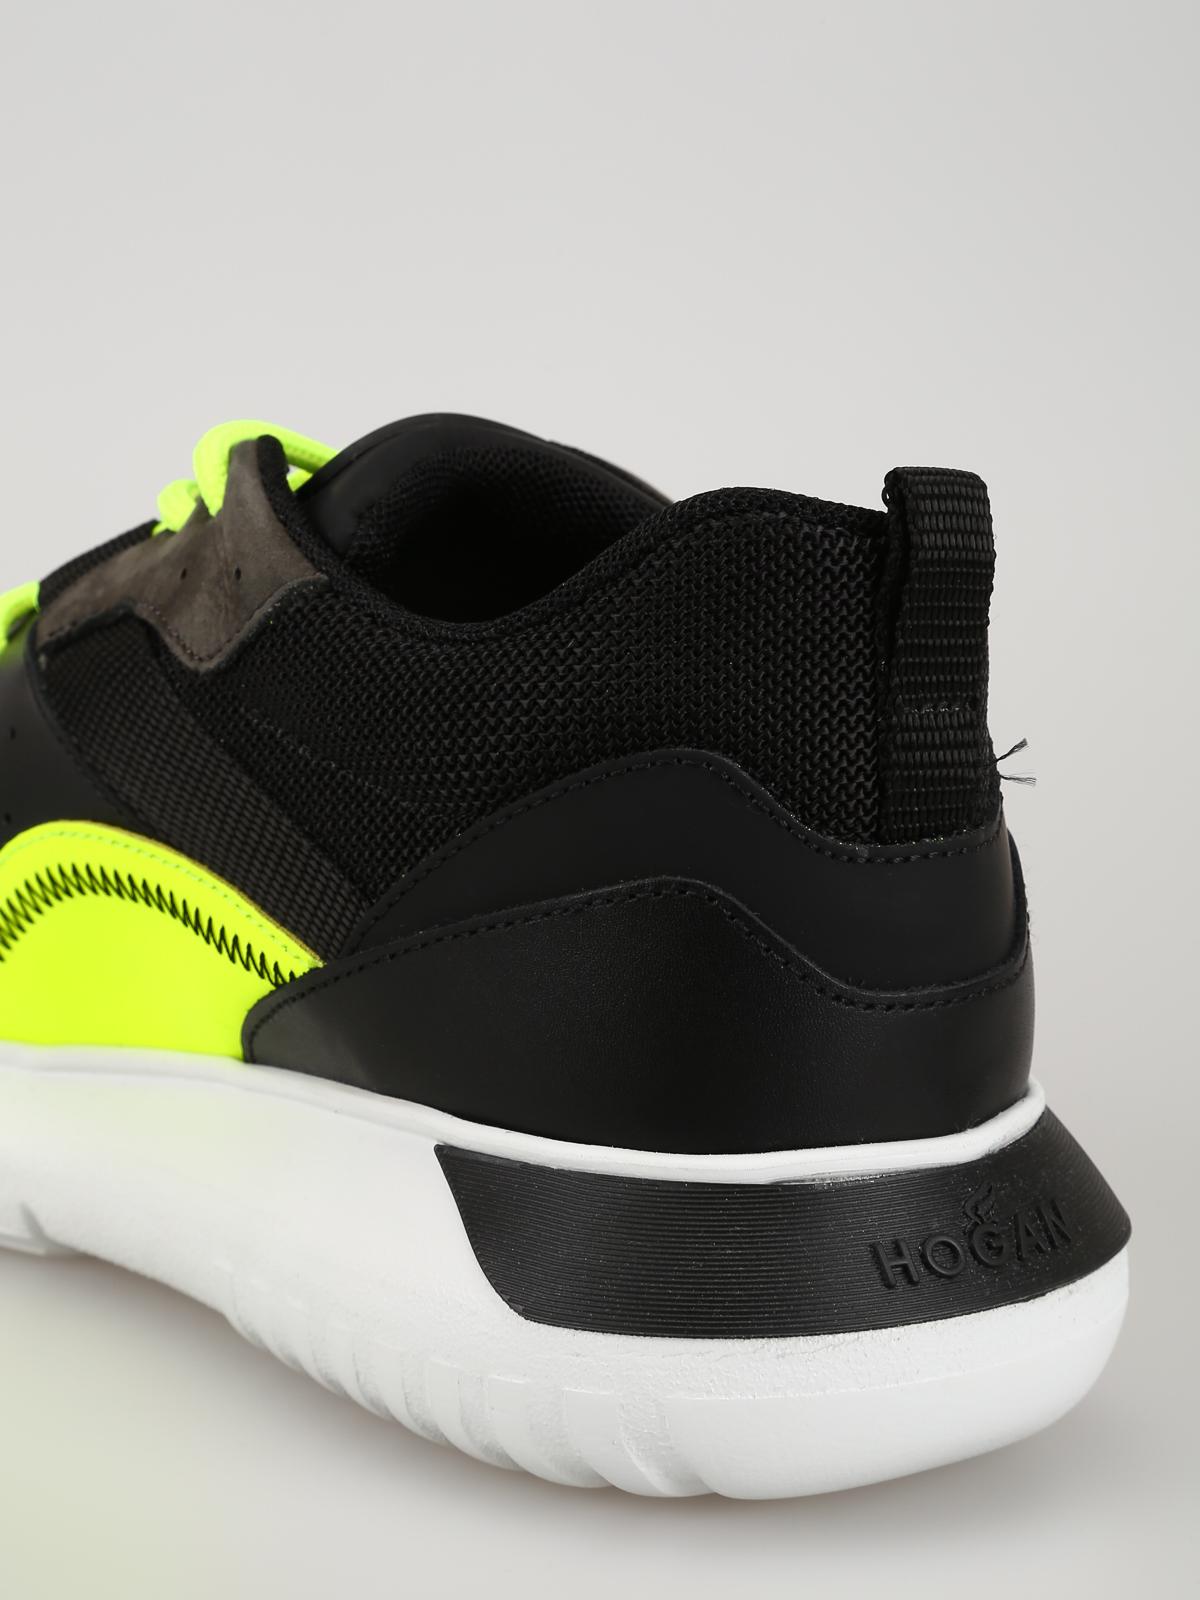 Hogan - Interactive³ nere con dettagli giallo fluo - sneakers ... 570de968f05